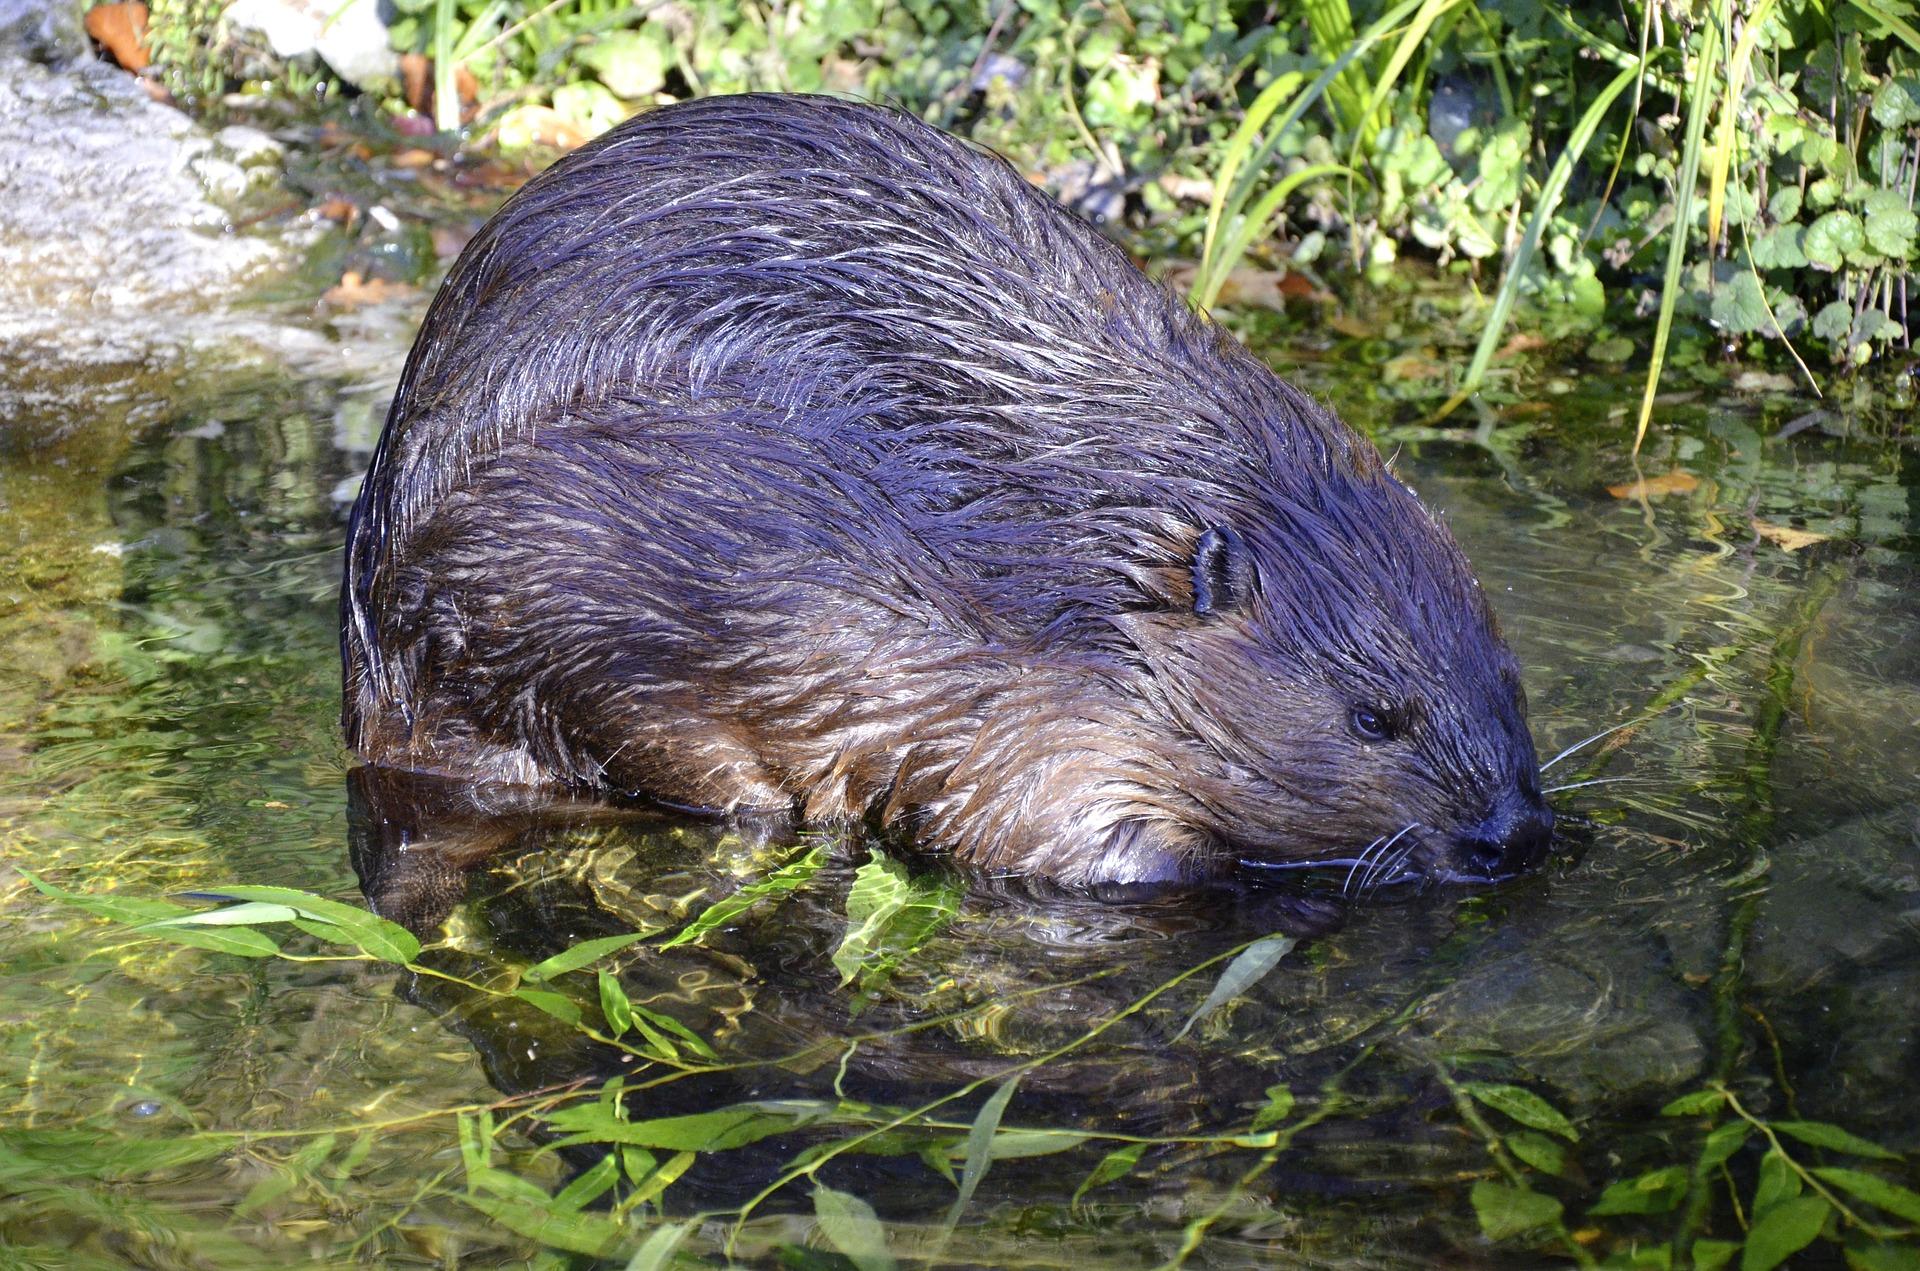 British Wildlife of the Week (Special): Reintroducing Beavers